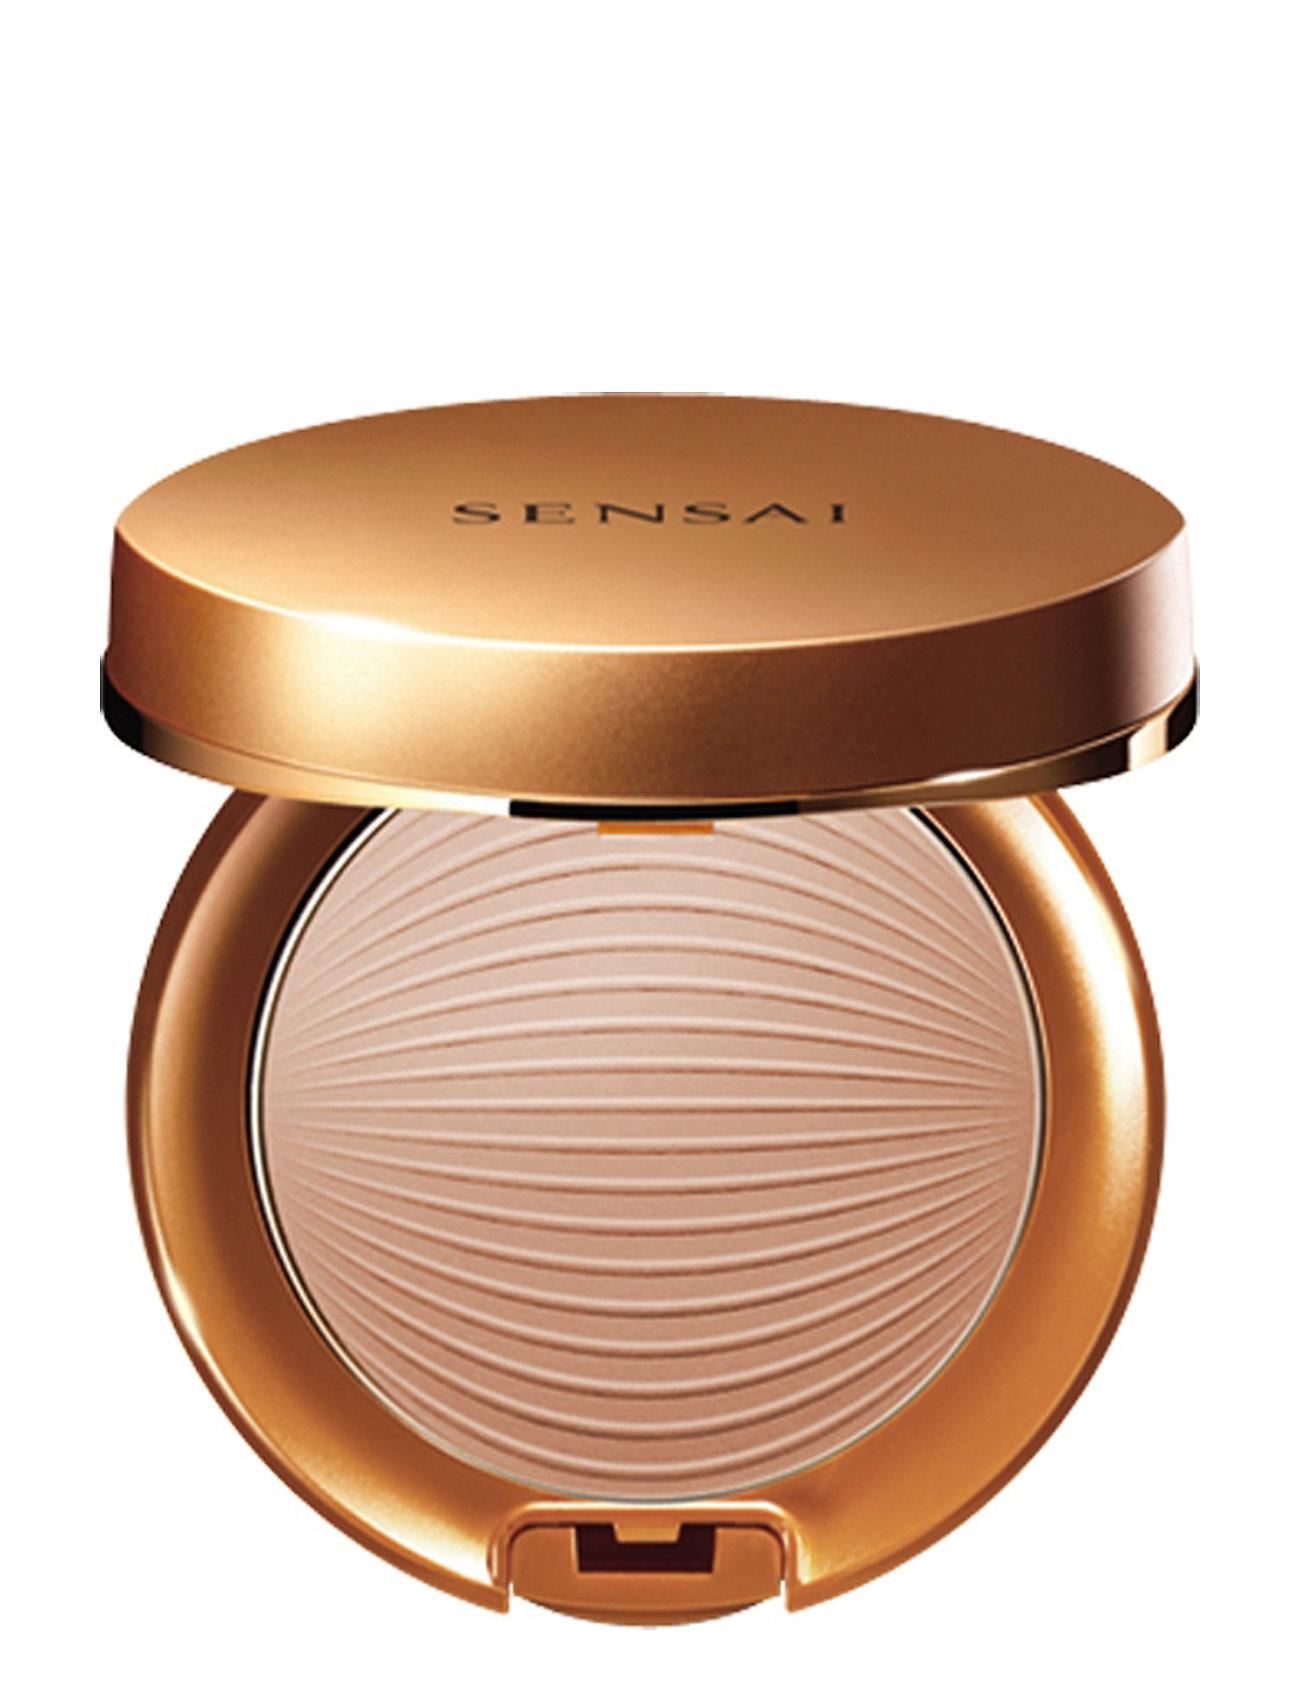 SENSAI Silky Bronze Sun Protective Compact SPF30 - 01 Light - SC01 LIGHT